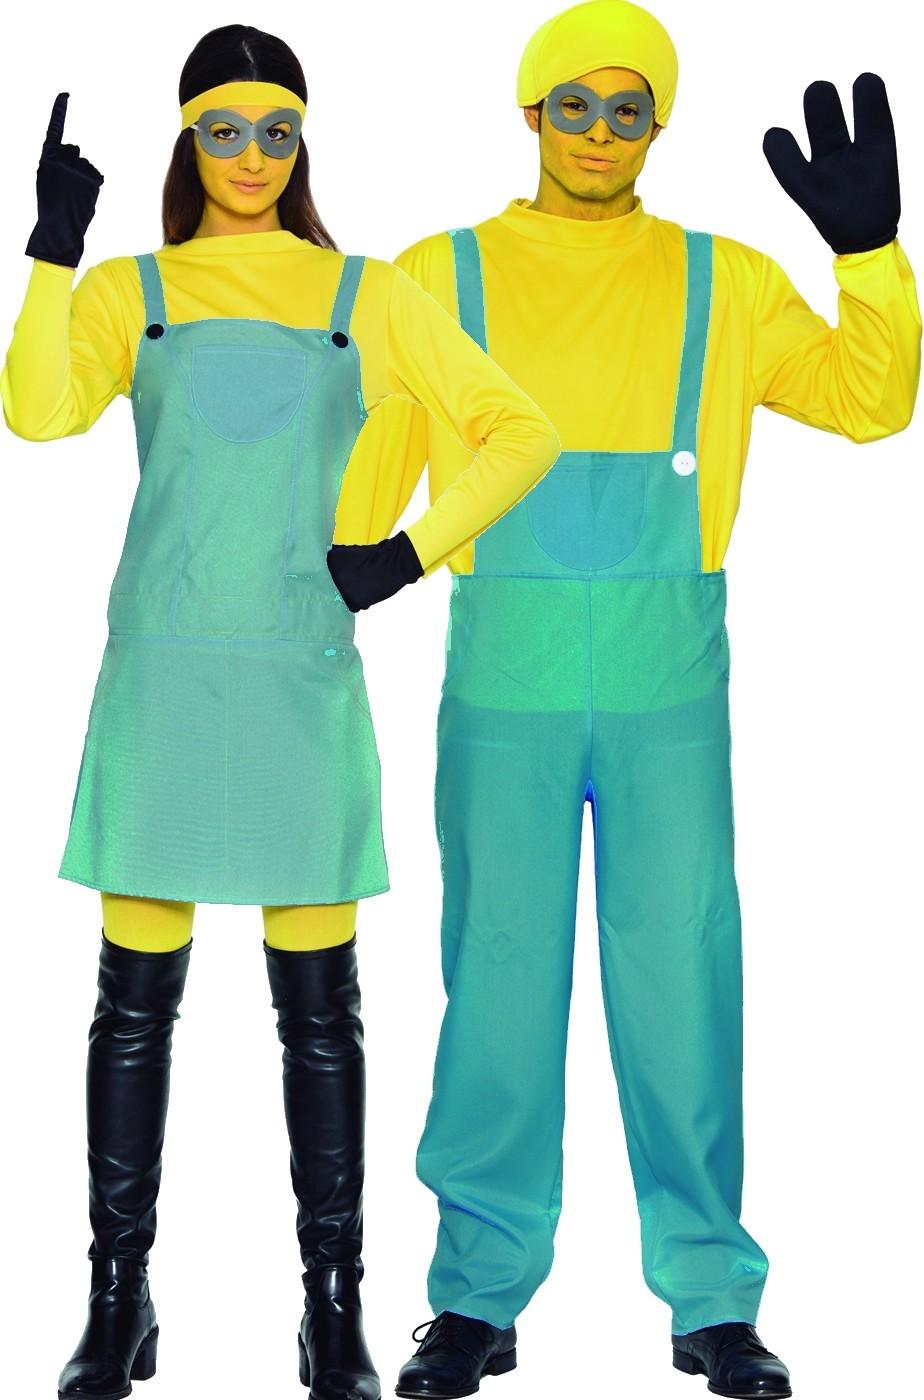 a24bda245d75e3 Coppia di costumi di Carnevale adulti Ometti gialli tipo Minions